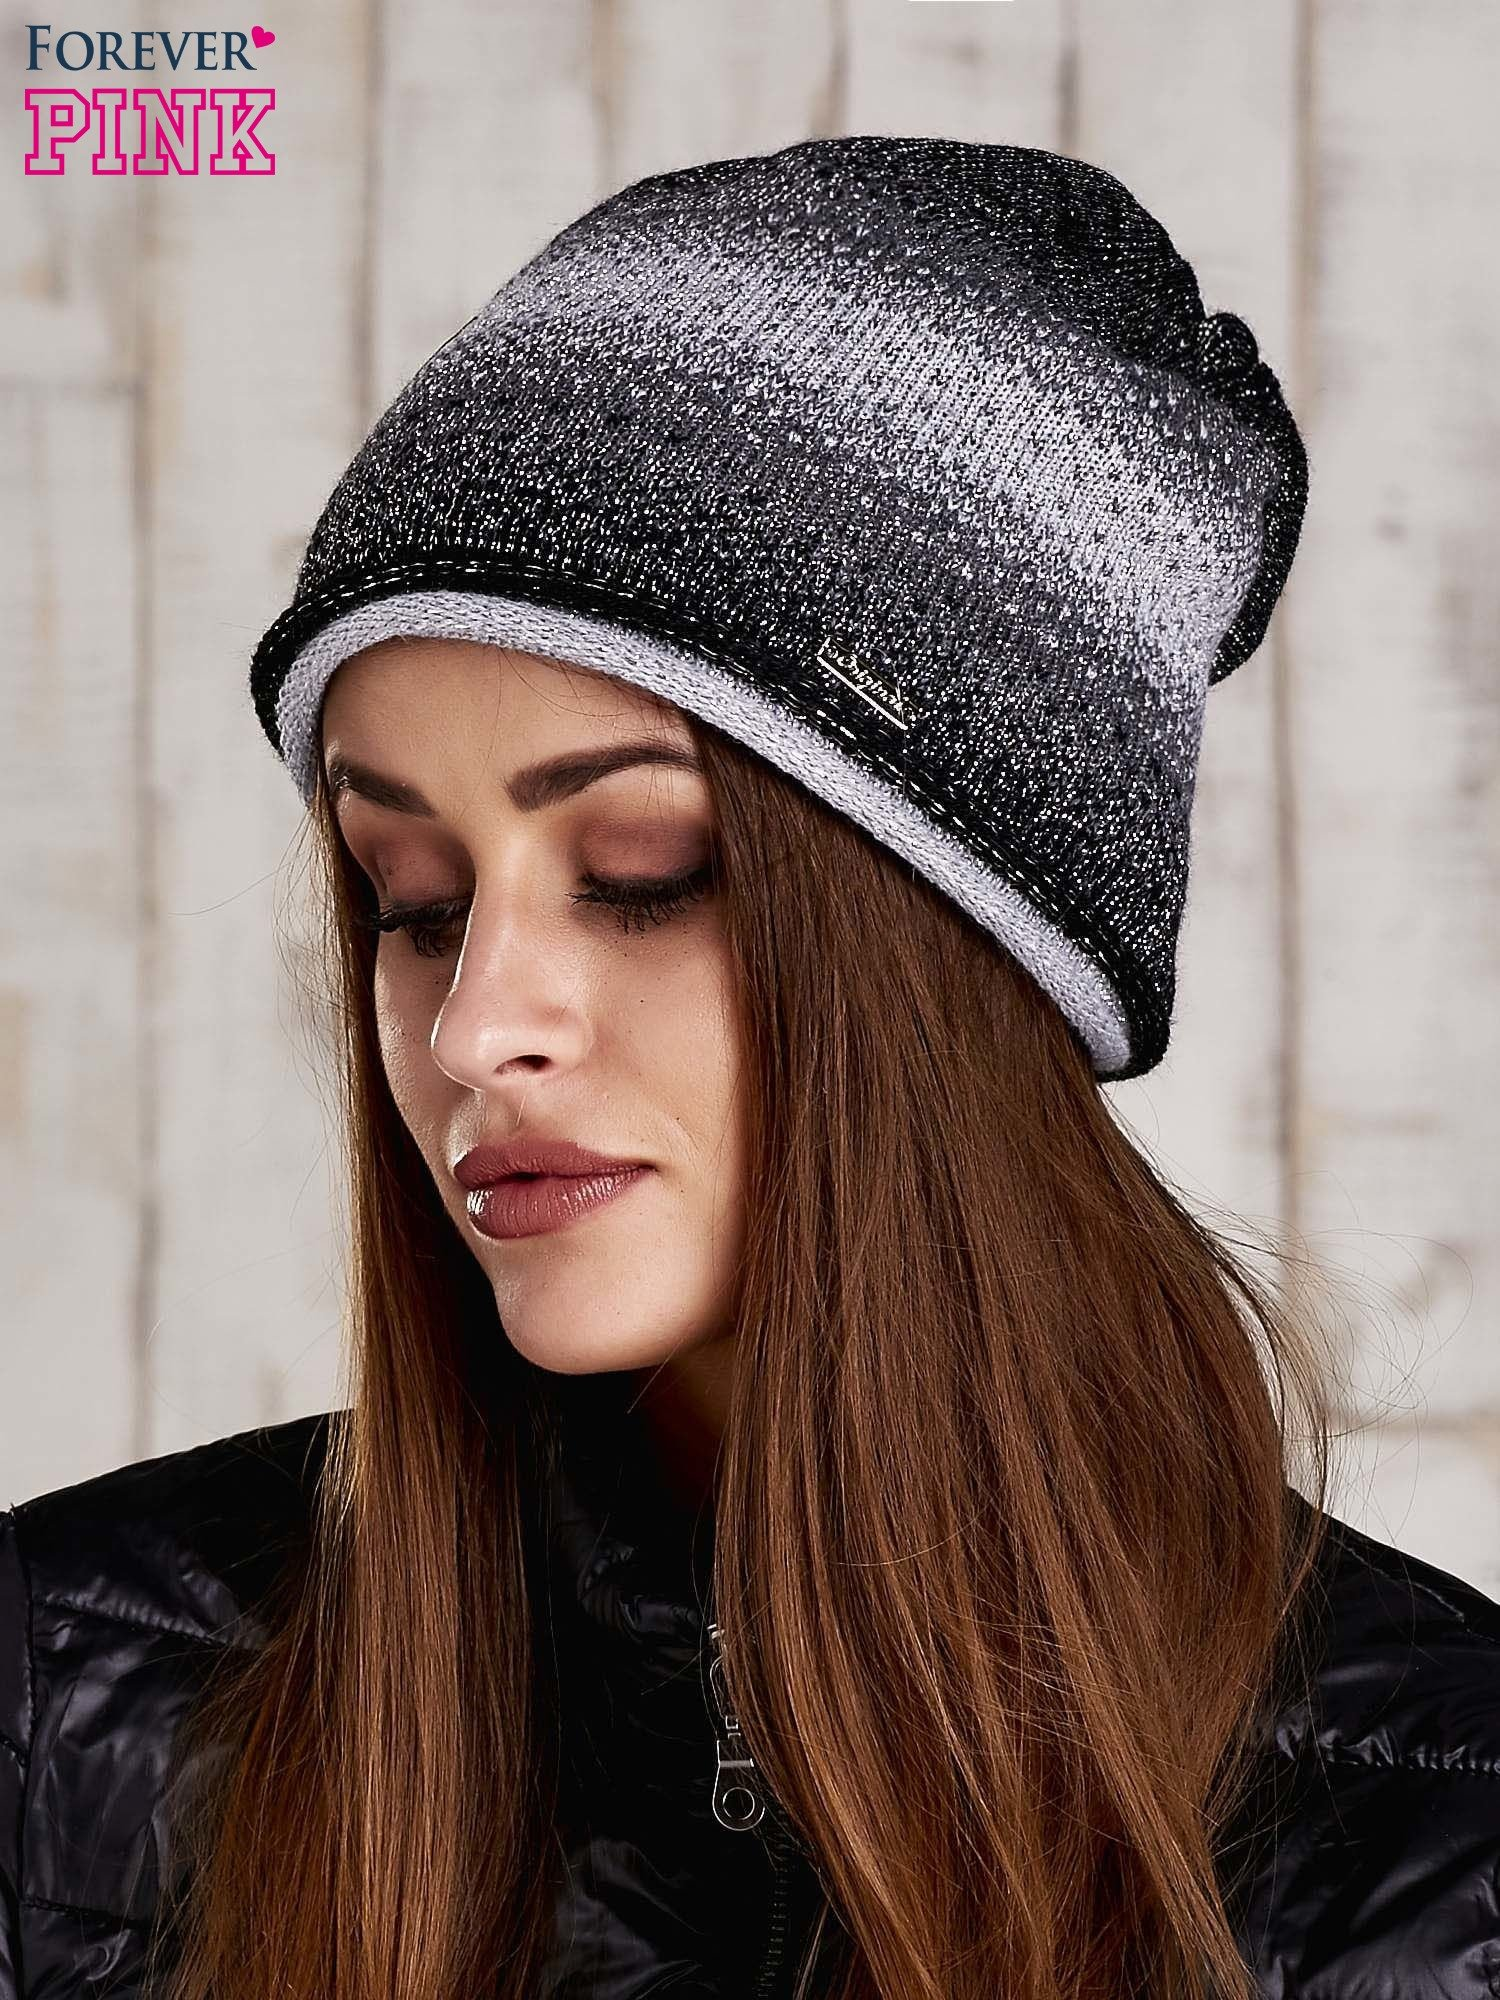 7e475b0e22c5 Czarna czapka ombre ze srebrną nitką - Akcesoria czapka zimowa ...